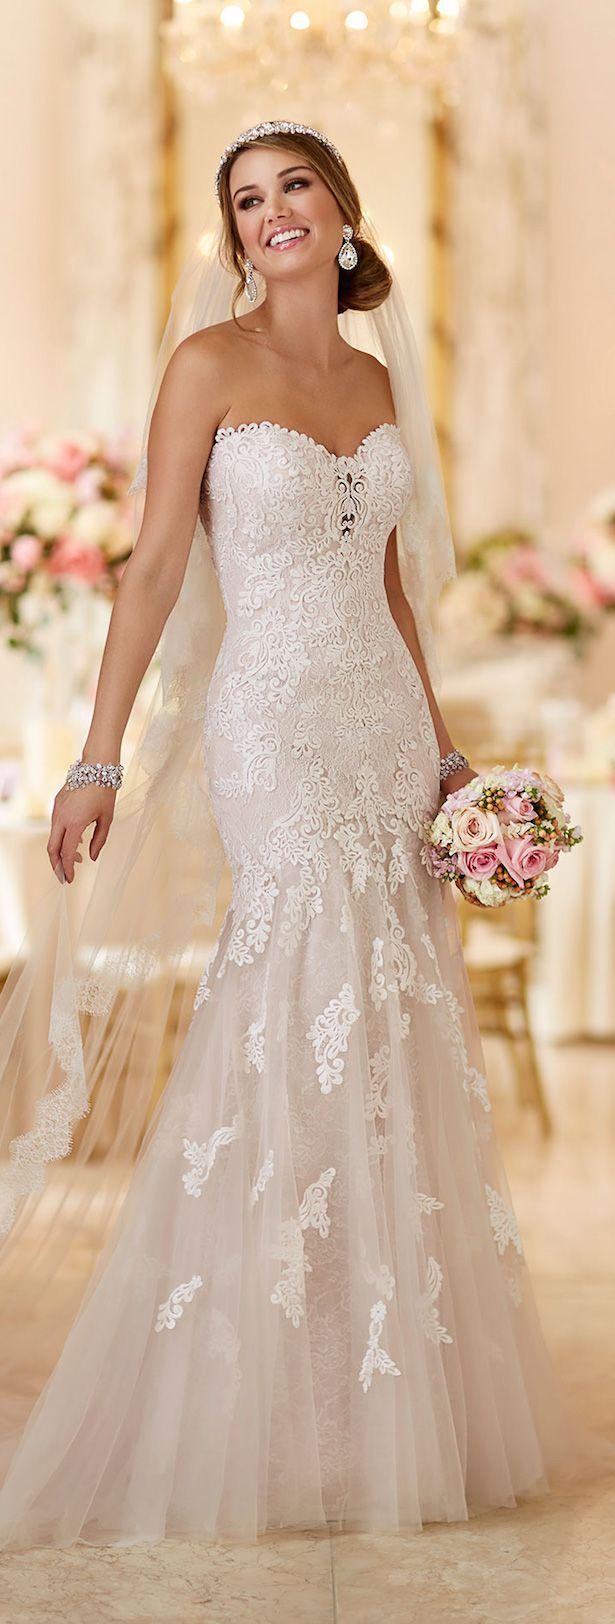 photo mariage robe 041  www.robe2mariage.eu